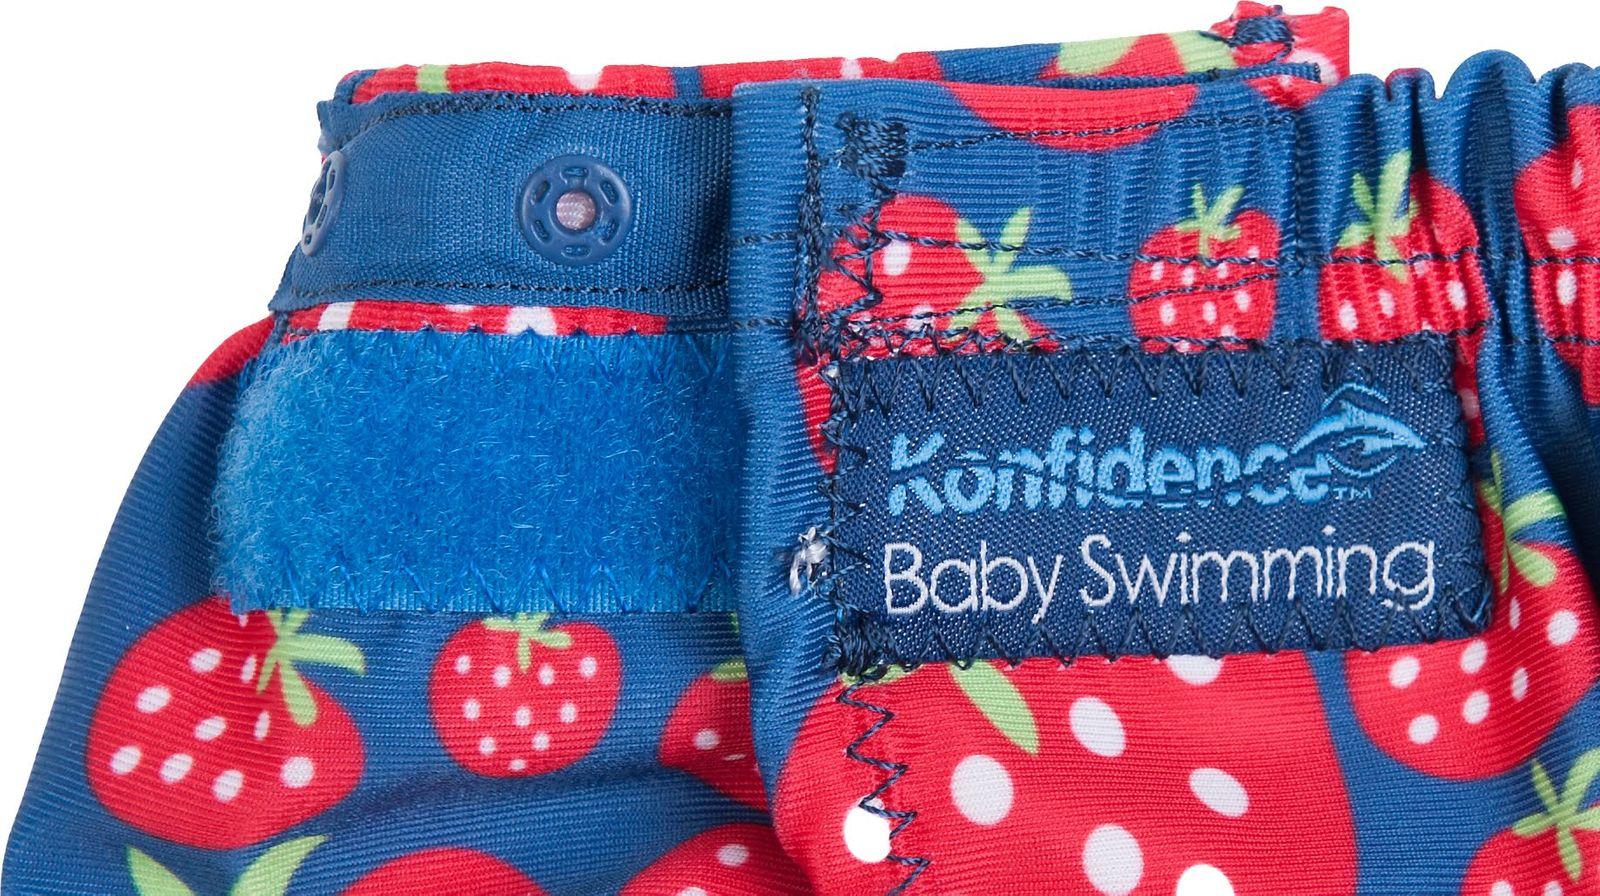 Konfidence Schwimmwindel mit umfangreichem Babyschwimmratgeber (passt von 3 Monate bis 3 Jahre) – Bild 17